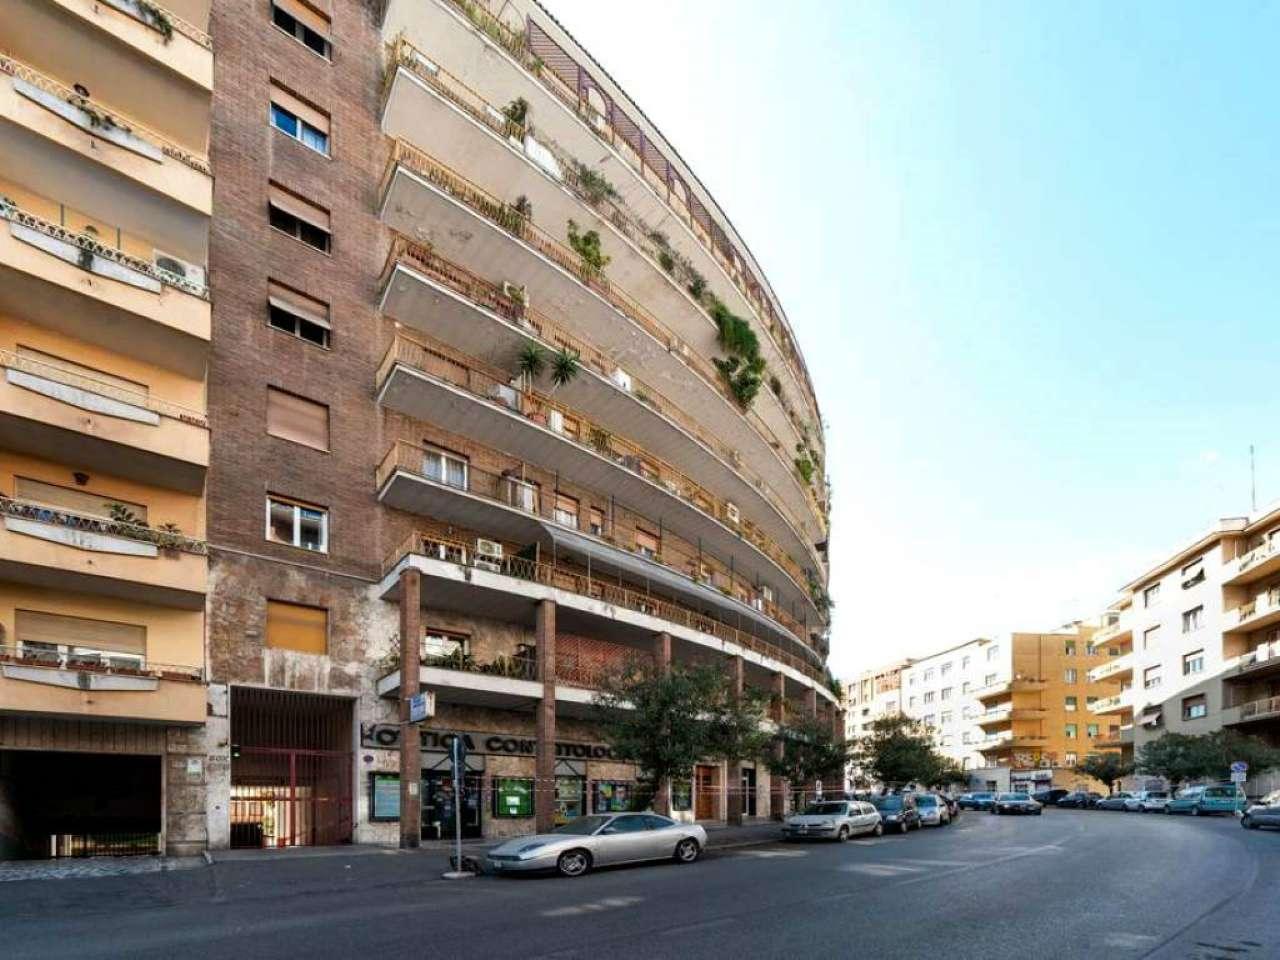 Negozio / Locale in affitto a Roma, 3 locali, zona Zona: 3 . Trieste - Somalia - Salario, prezzo € 1.200 | CambioCasa.it